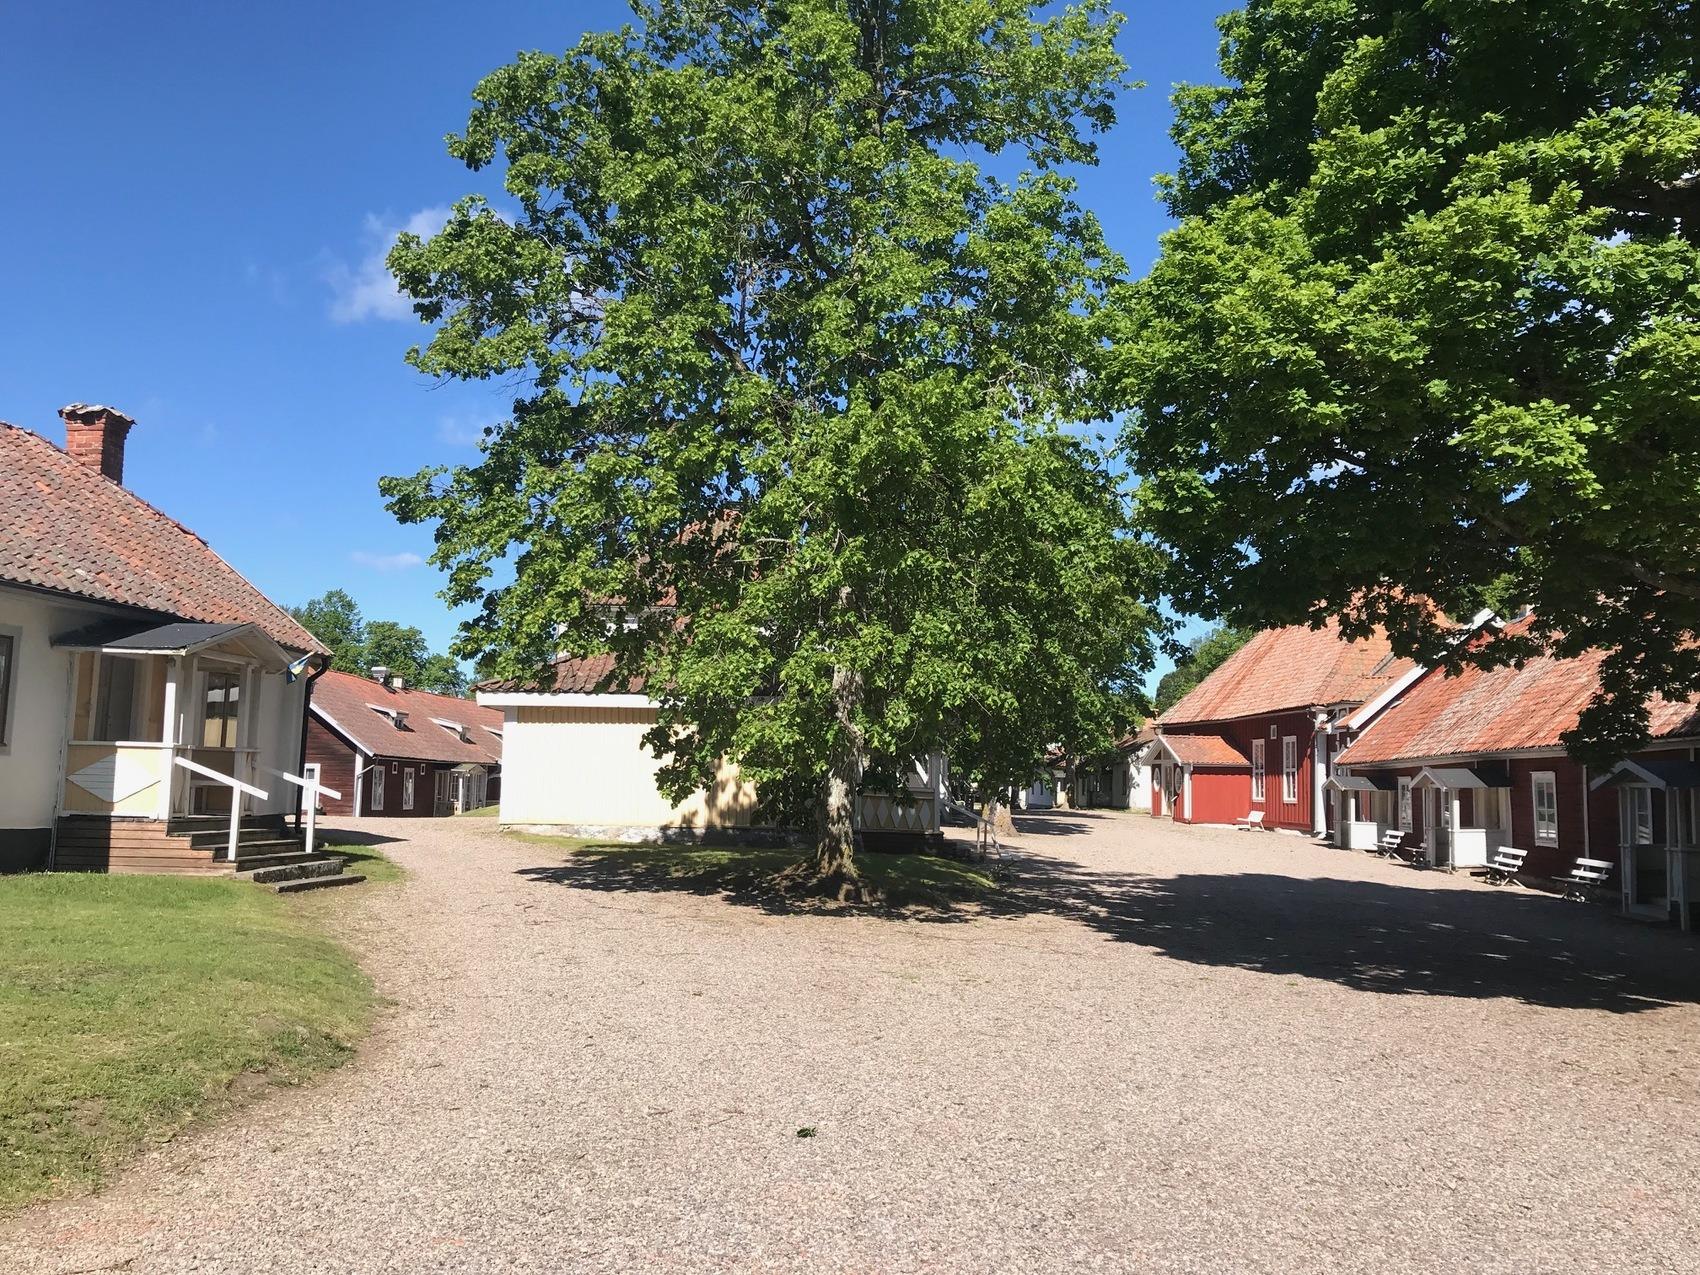 Grusgård med äldre hus runt om